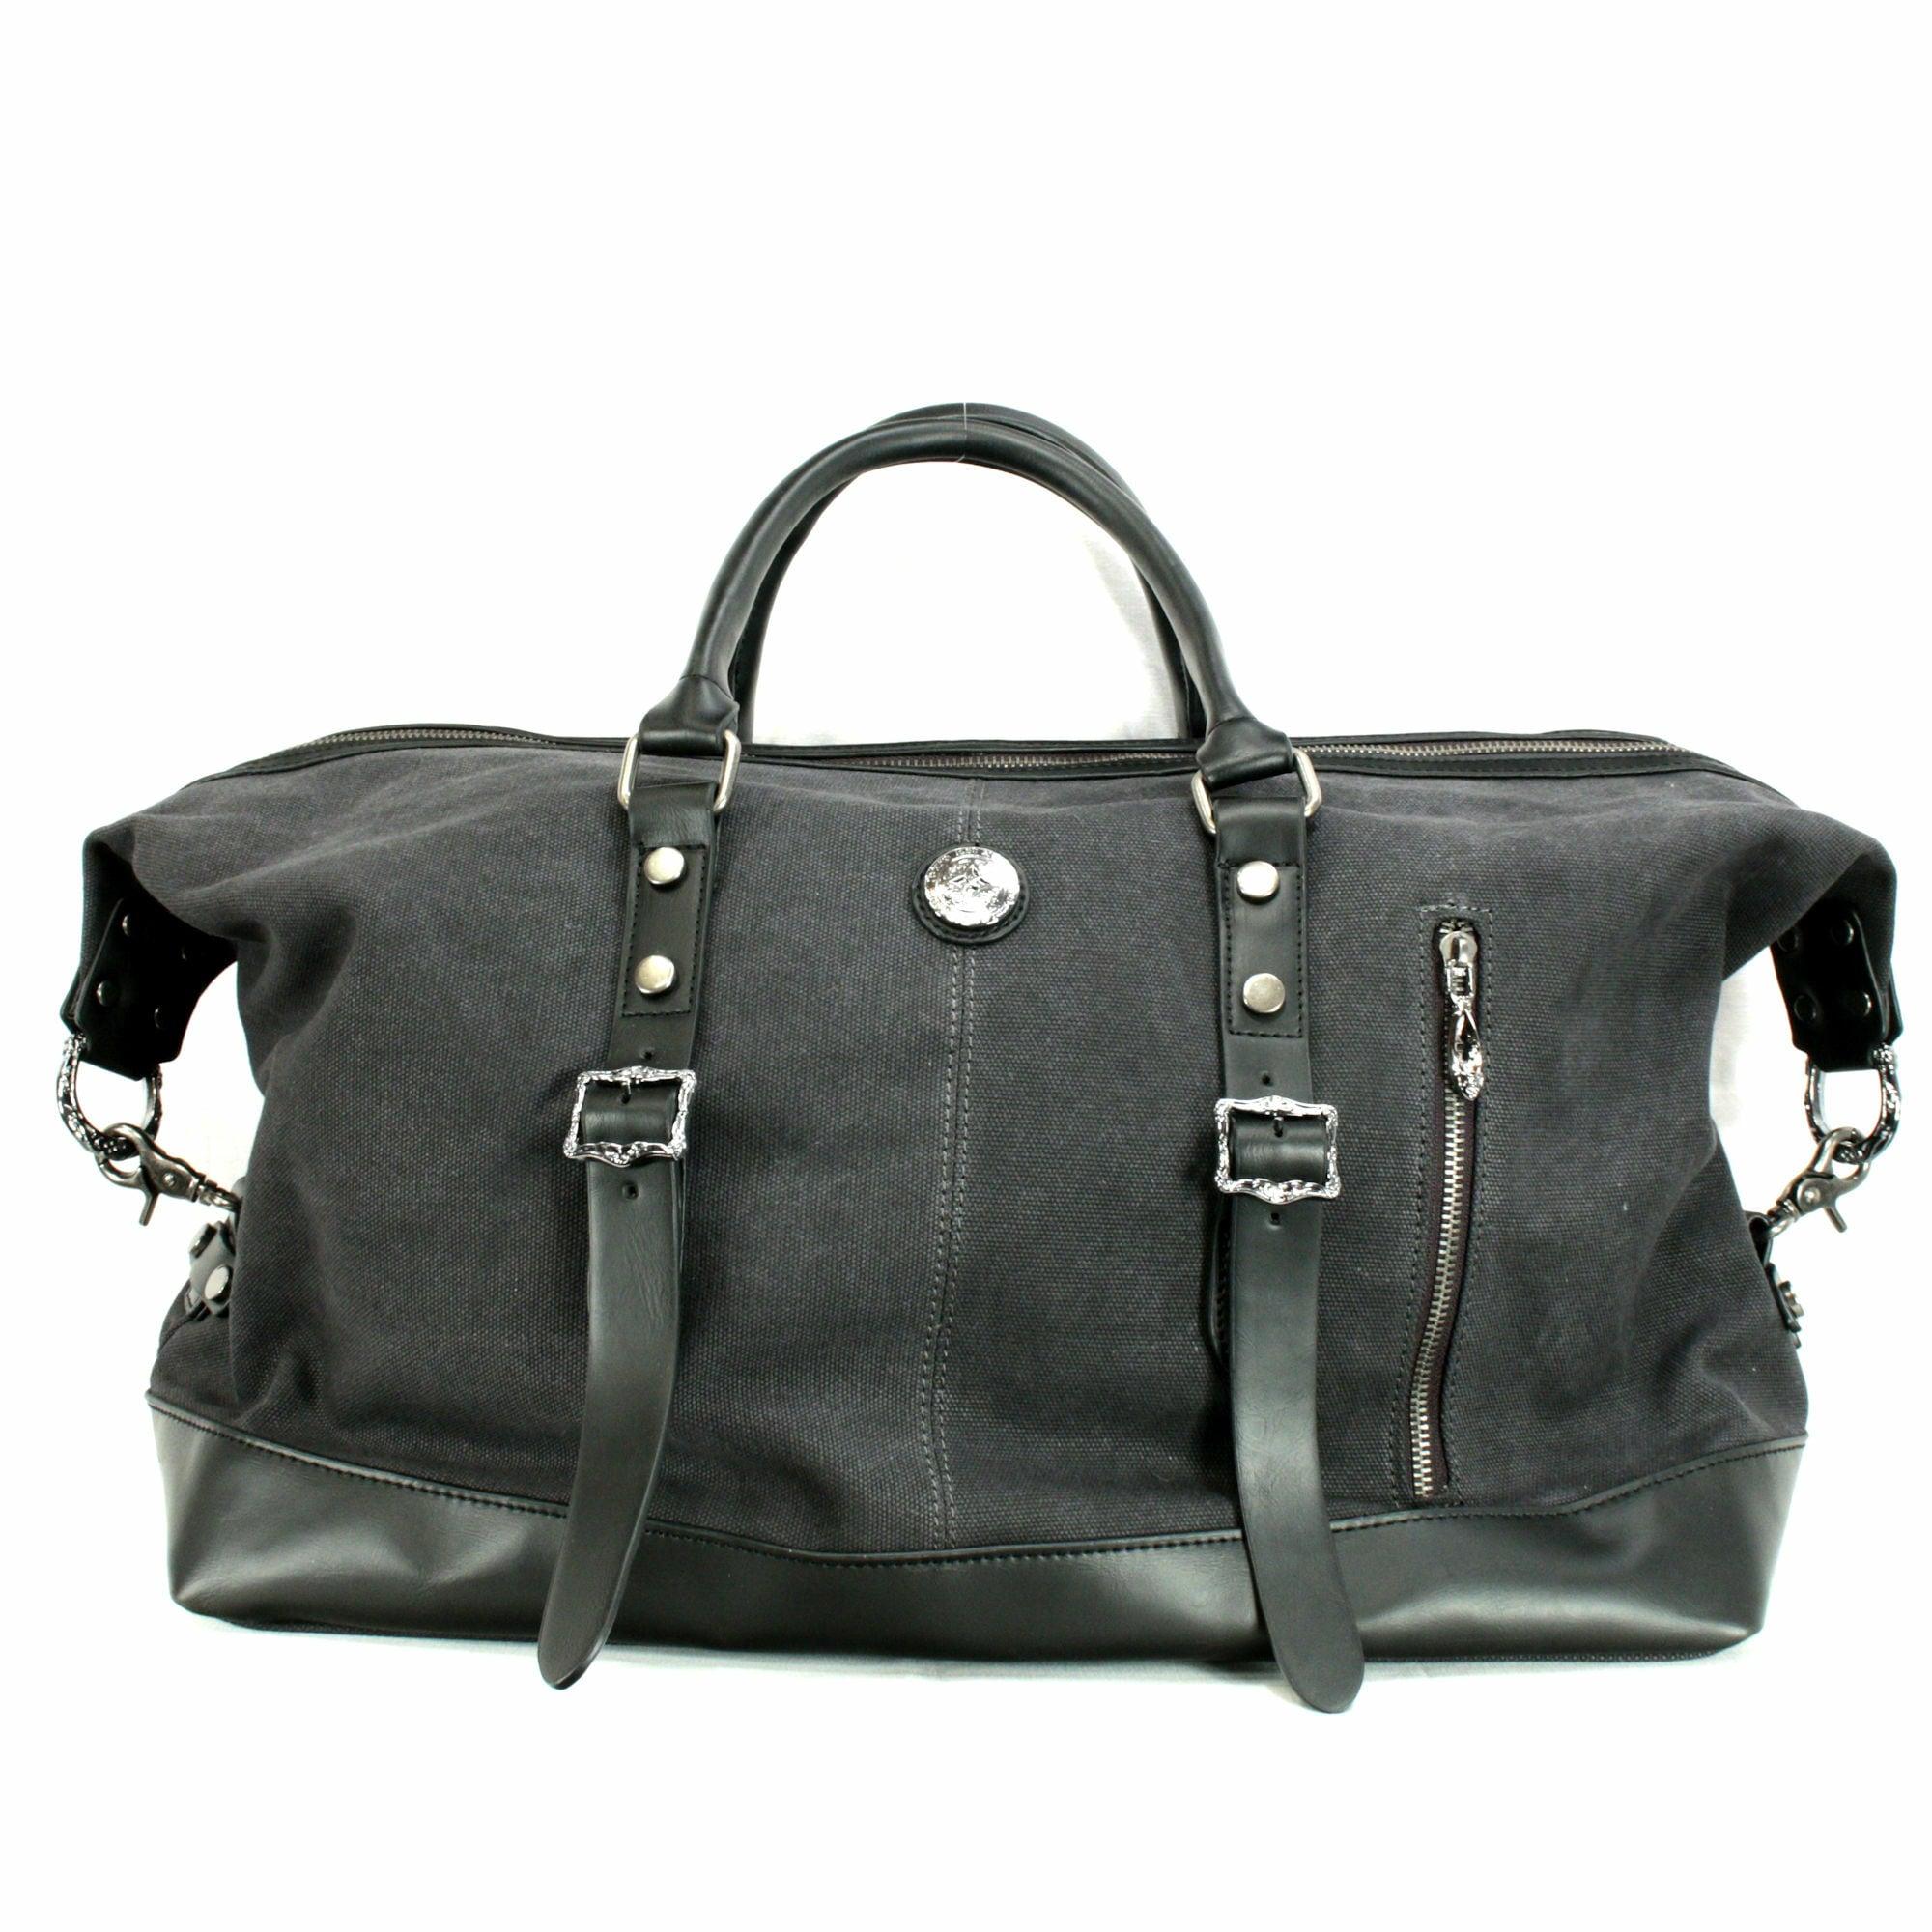 キャンバスボストンバッグ ACBG0016 Canvas Boston bag 【「貴族誕生 -PRINCE OF LEGEND-」衣装協力商品】